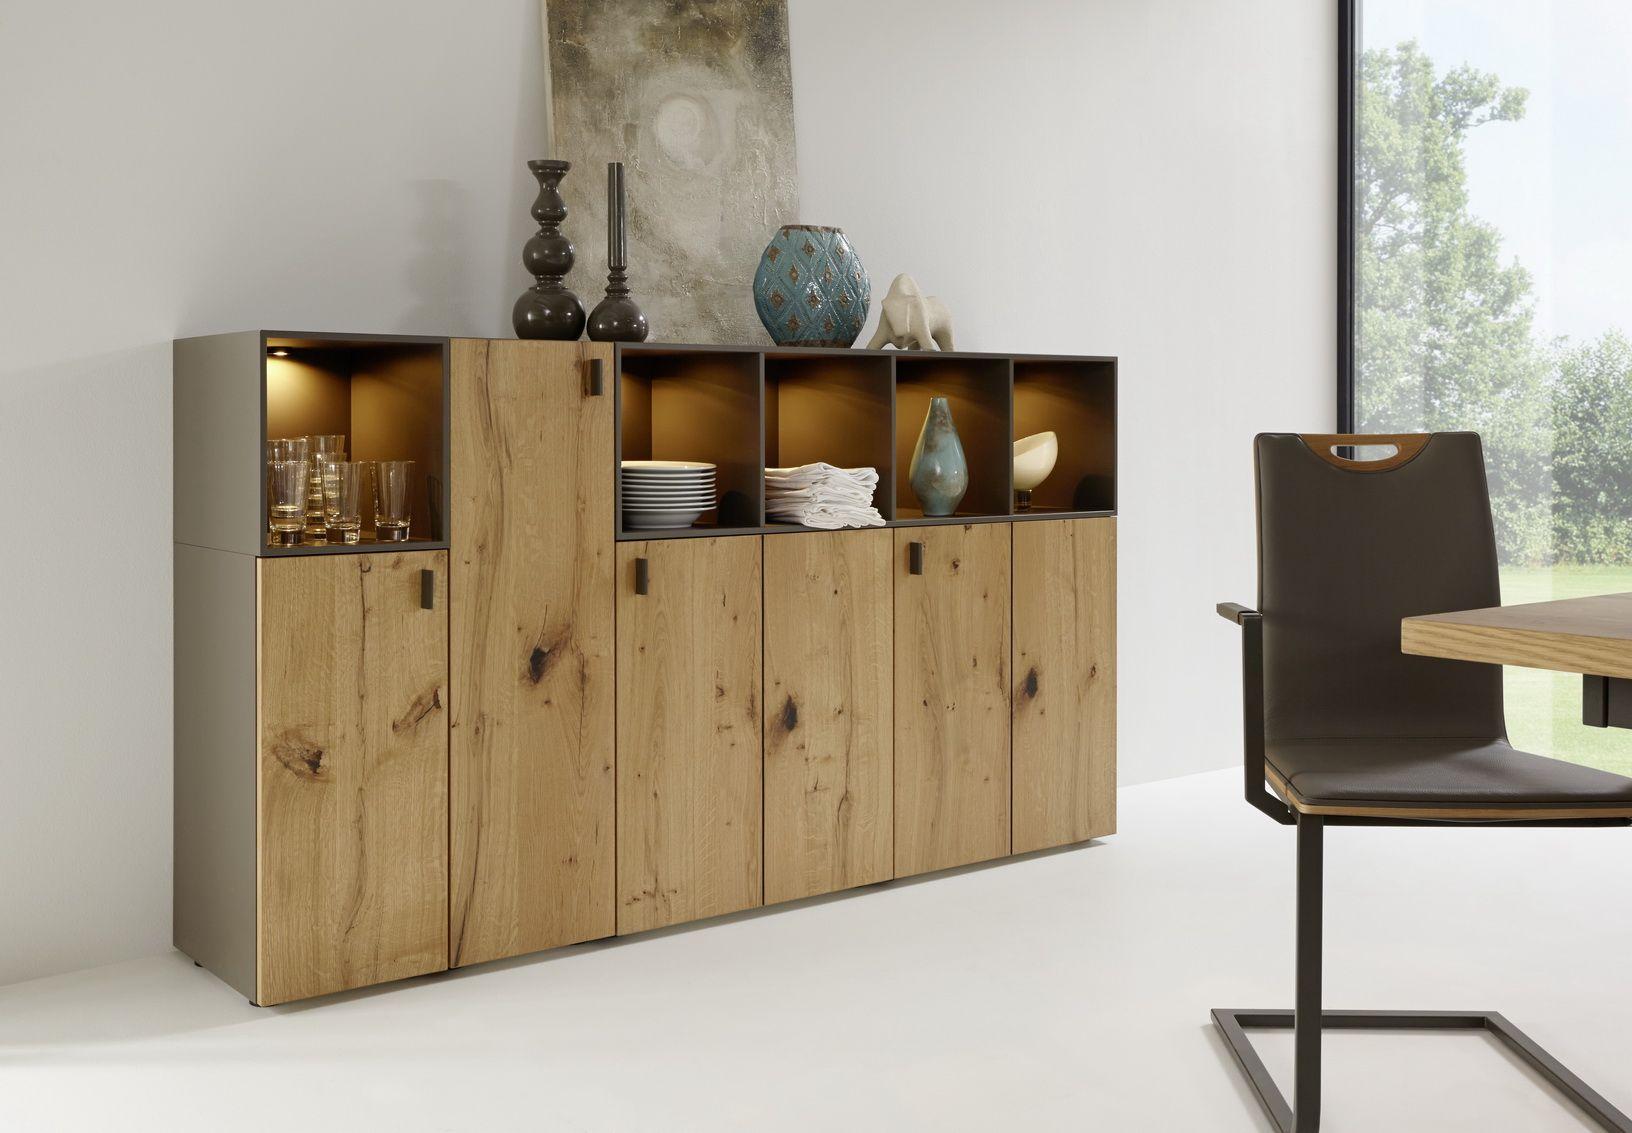 #möbel #madeingermany #furniture #gwinner #wohndesign #design #wohnen  #einrichten